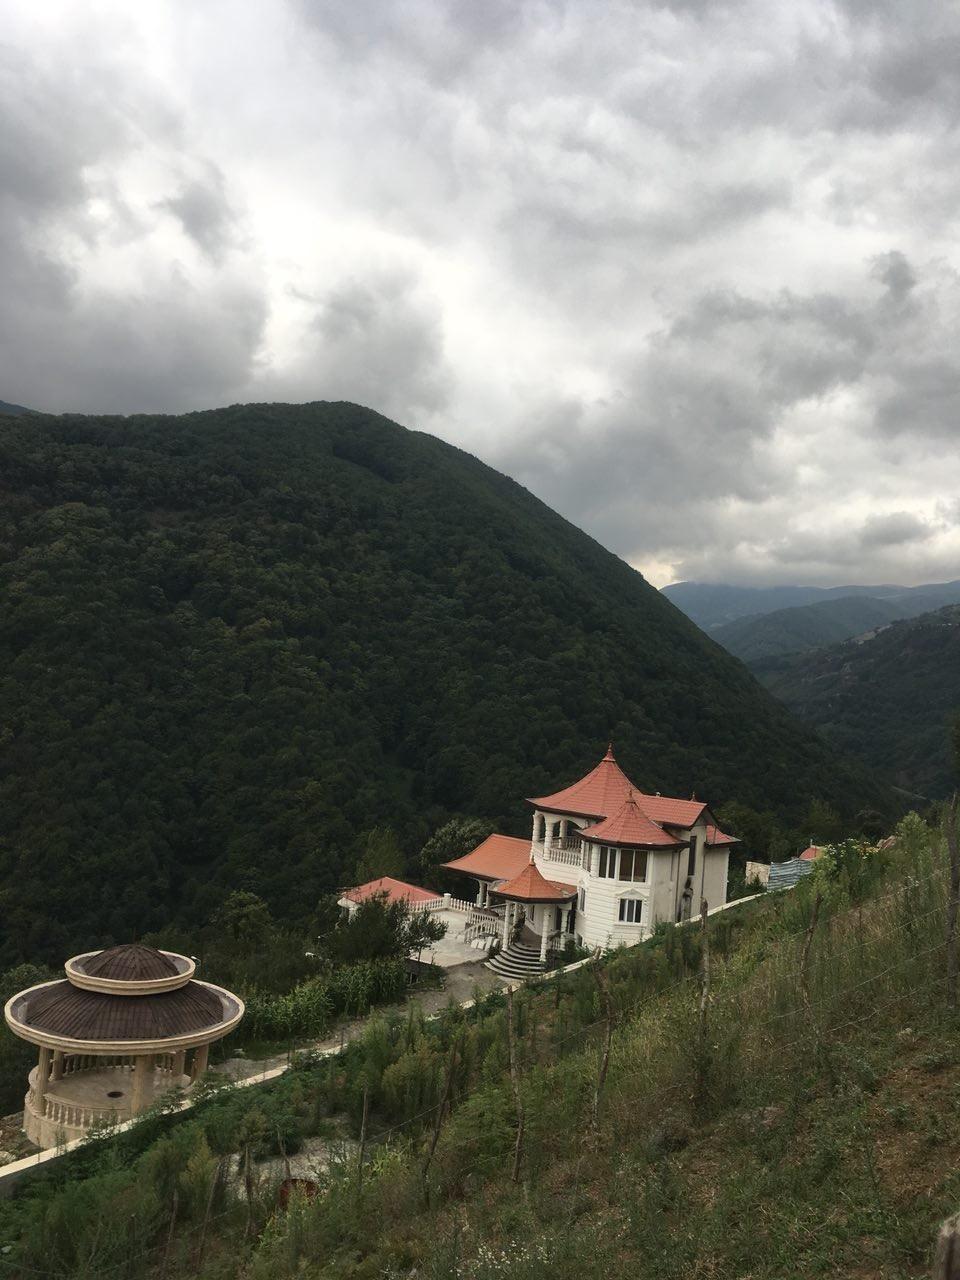 کوهستانی ویلا استخر دار گرنه حیران